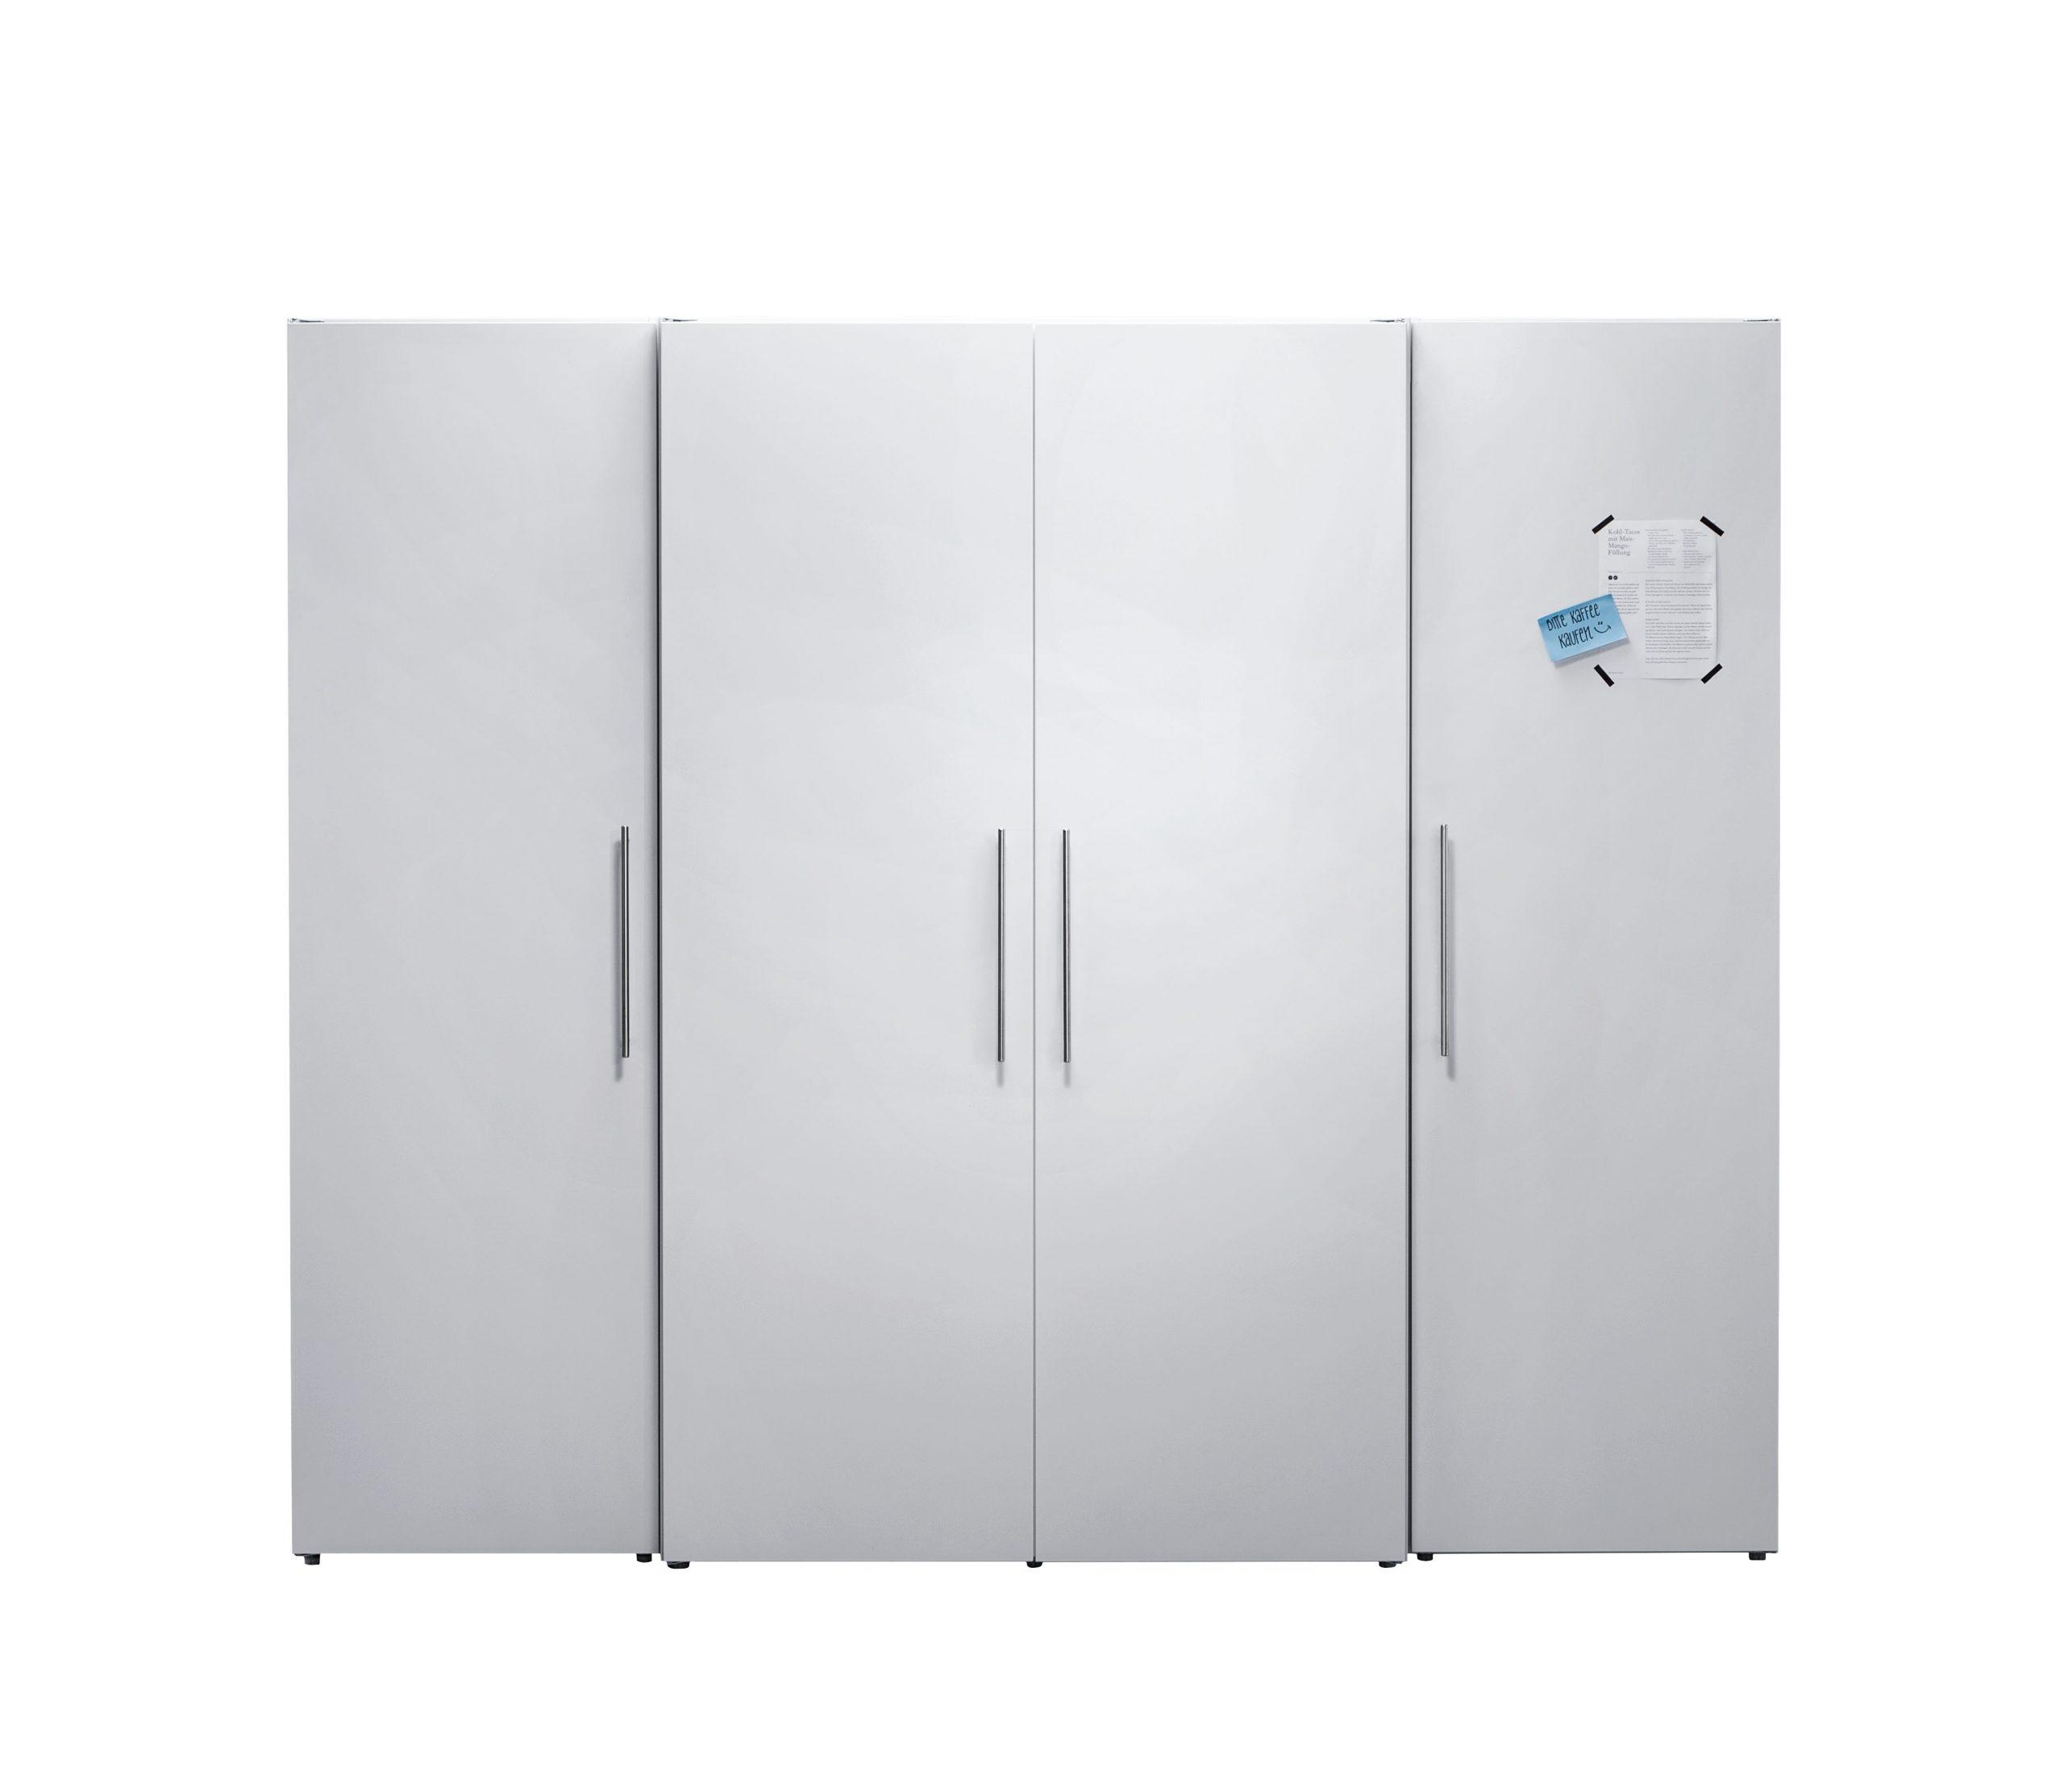 Full Size of Schrankküche Ikea Neuheit 2017 Schrankkche Aus Metall Limatec Agch Miniküche Küche Kosten Betten 160x200 Kaufen Sofa Mit Schlaffunktion Modulküche Bei Wohnzimmer Schrankküche Ikea